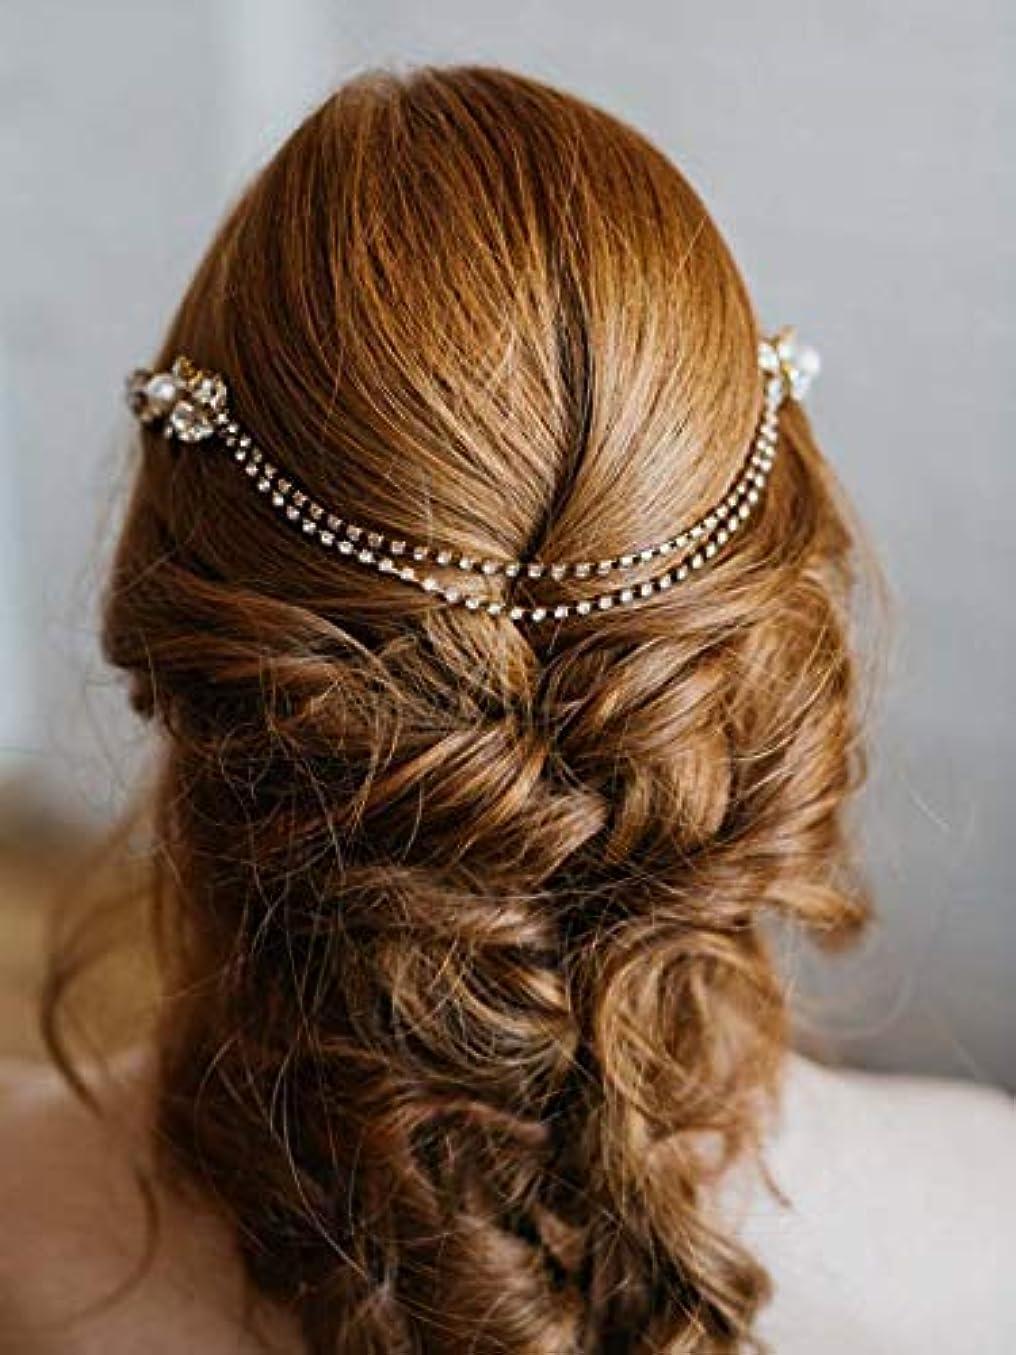 時期尚早のホストもAukmla Wedding Hair Accessories Flower Hair Combs with Chain Decorative Bridal for Brides and Bridesmaids (Silver...